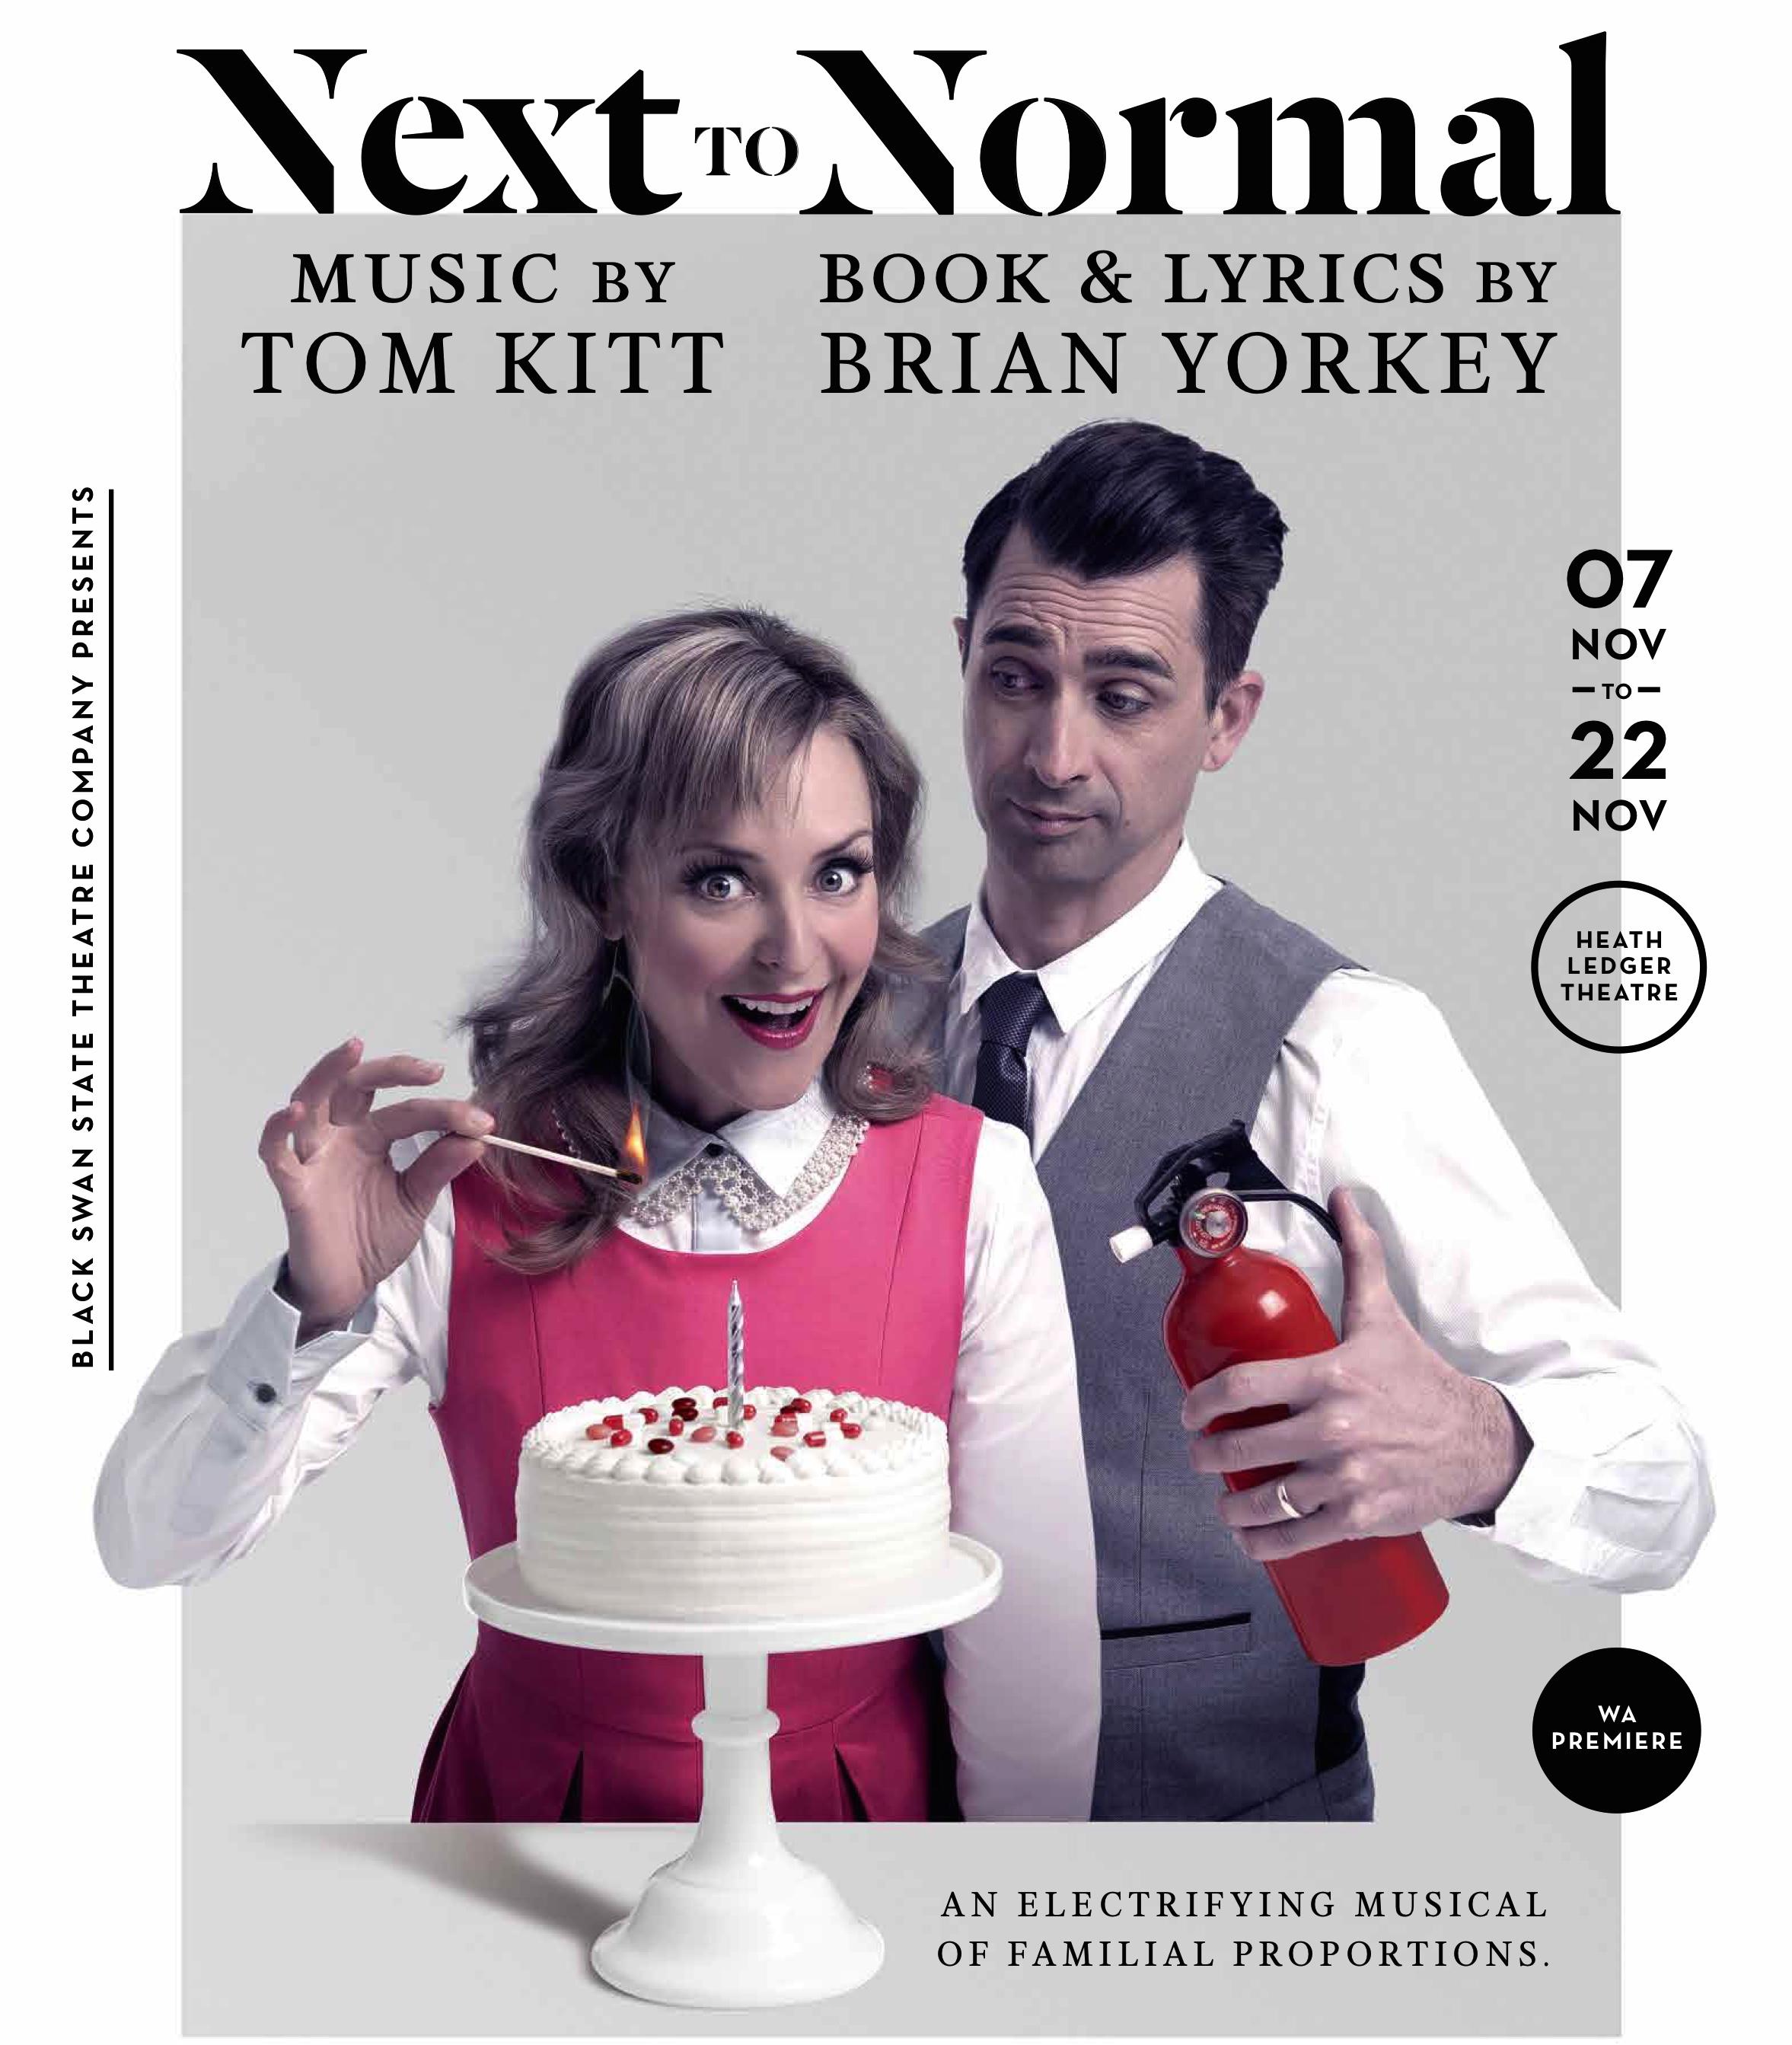 A2_NextToNormal_PosterV2.jpg